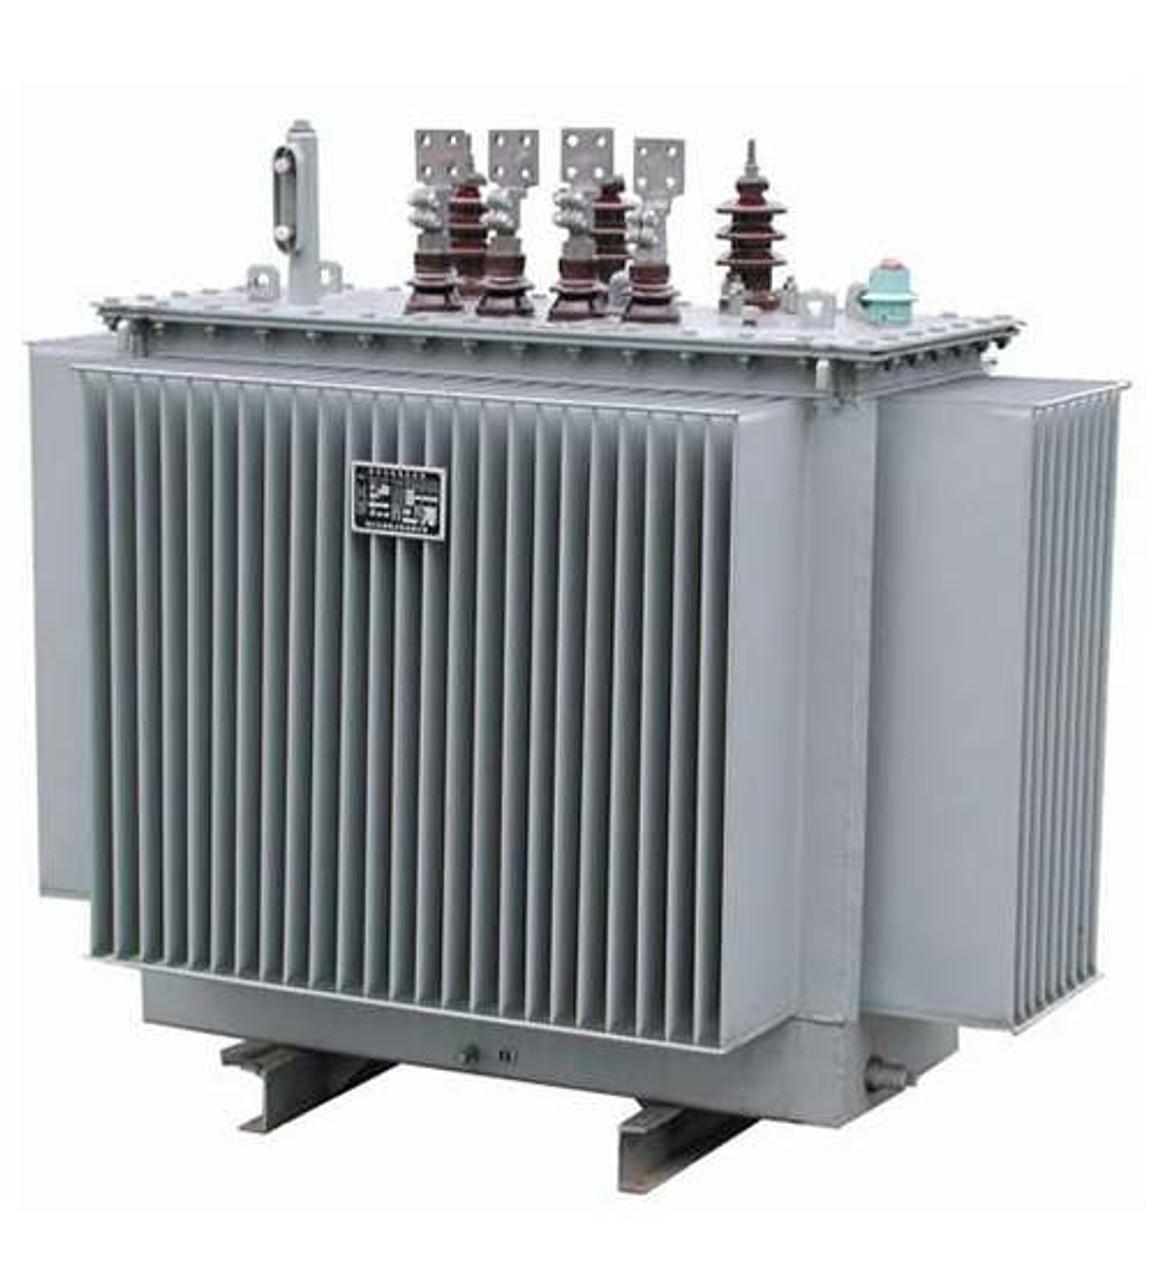 small resolution of power transformer abb 500kva 11 0415kv distribution transformer